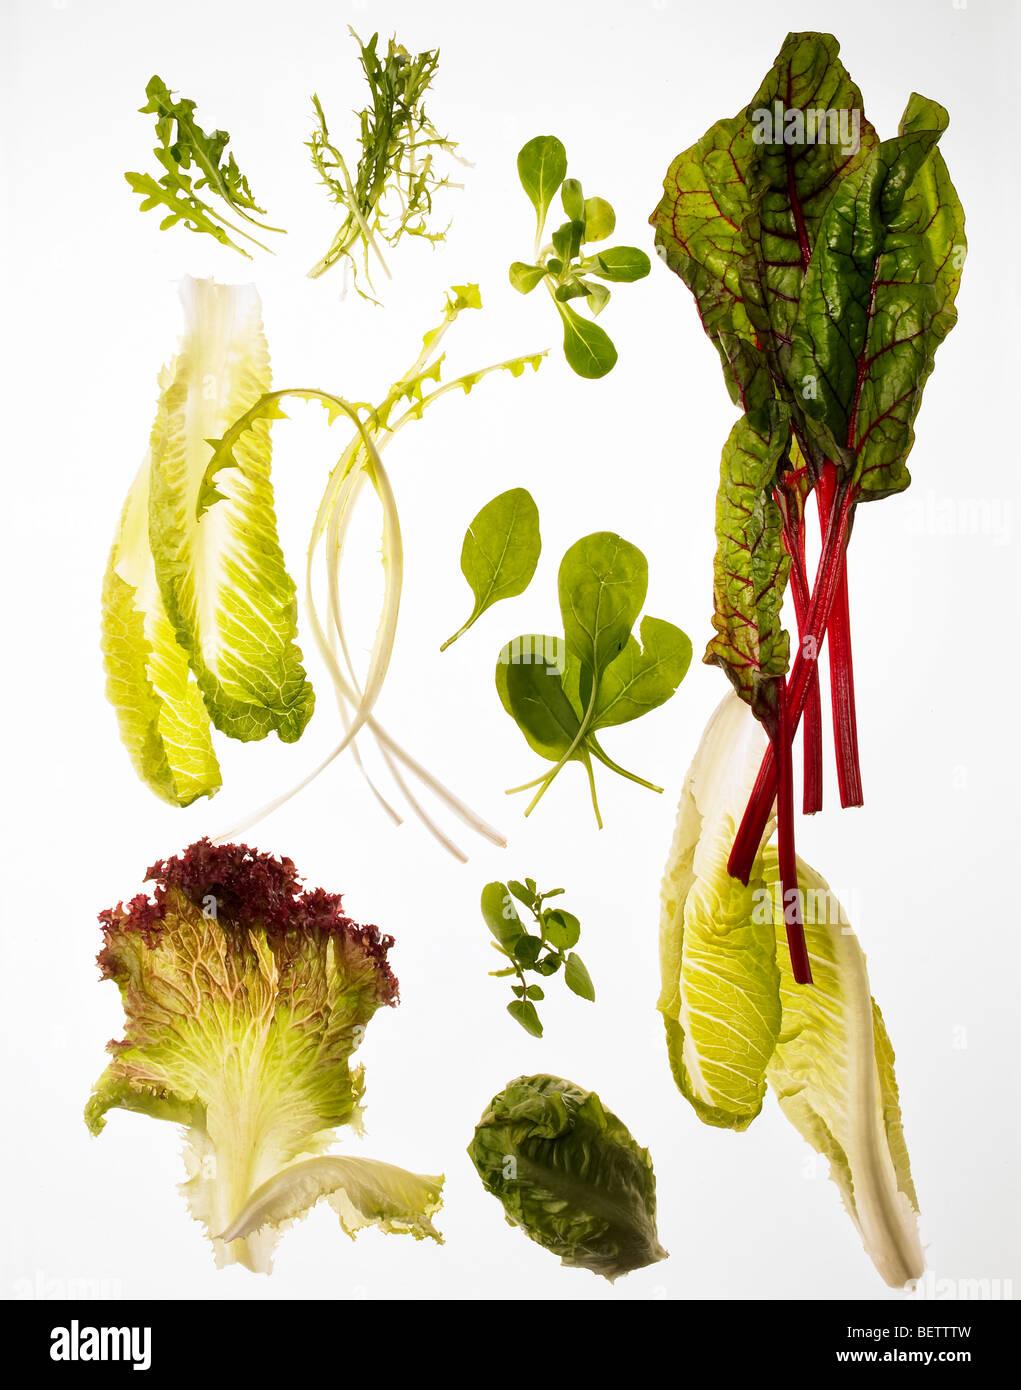 Ingrédients de la salade, des feuilles vert convient pour les salades. Photo Stock